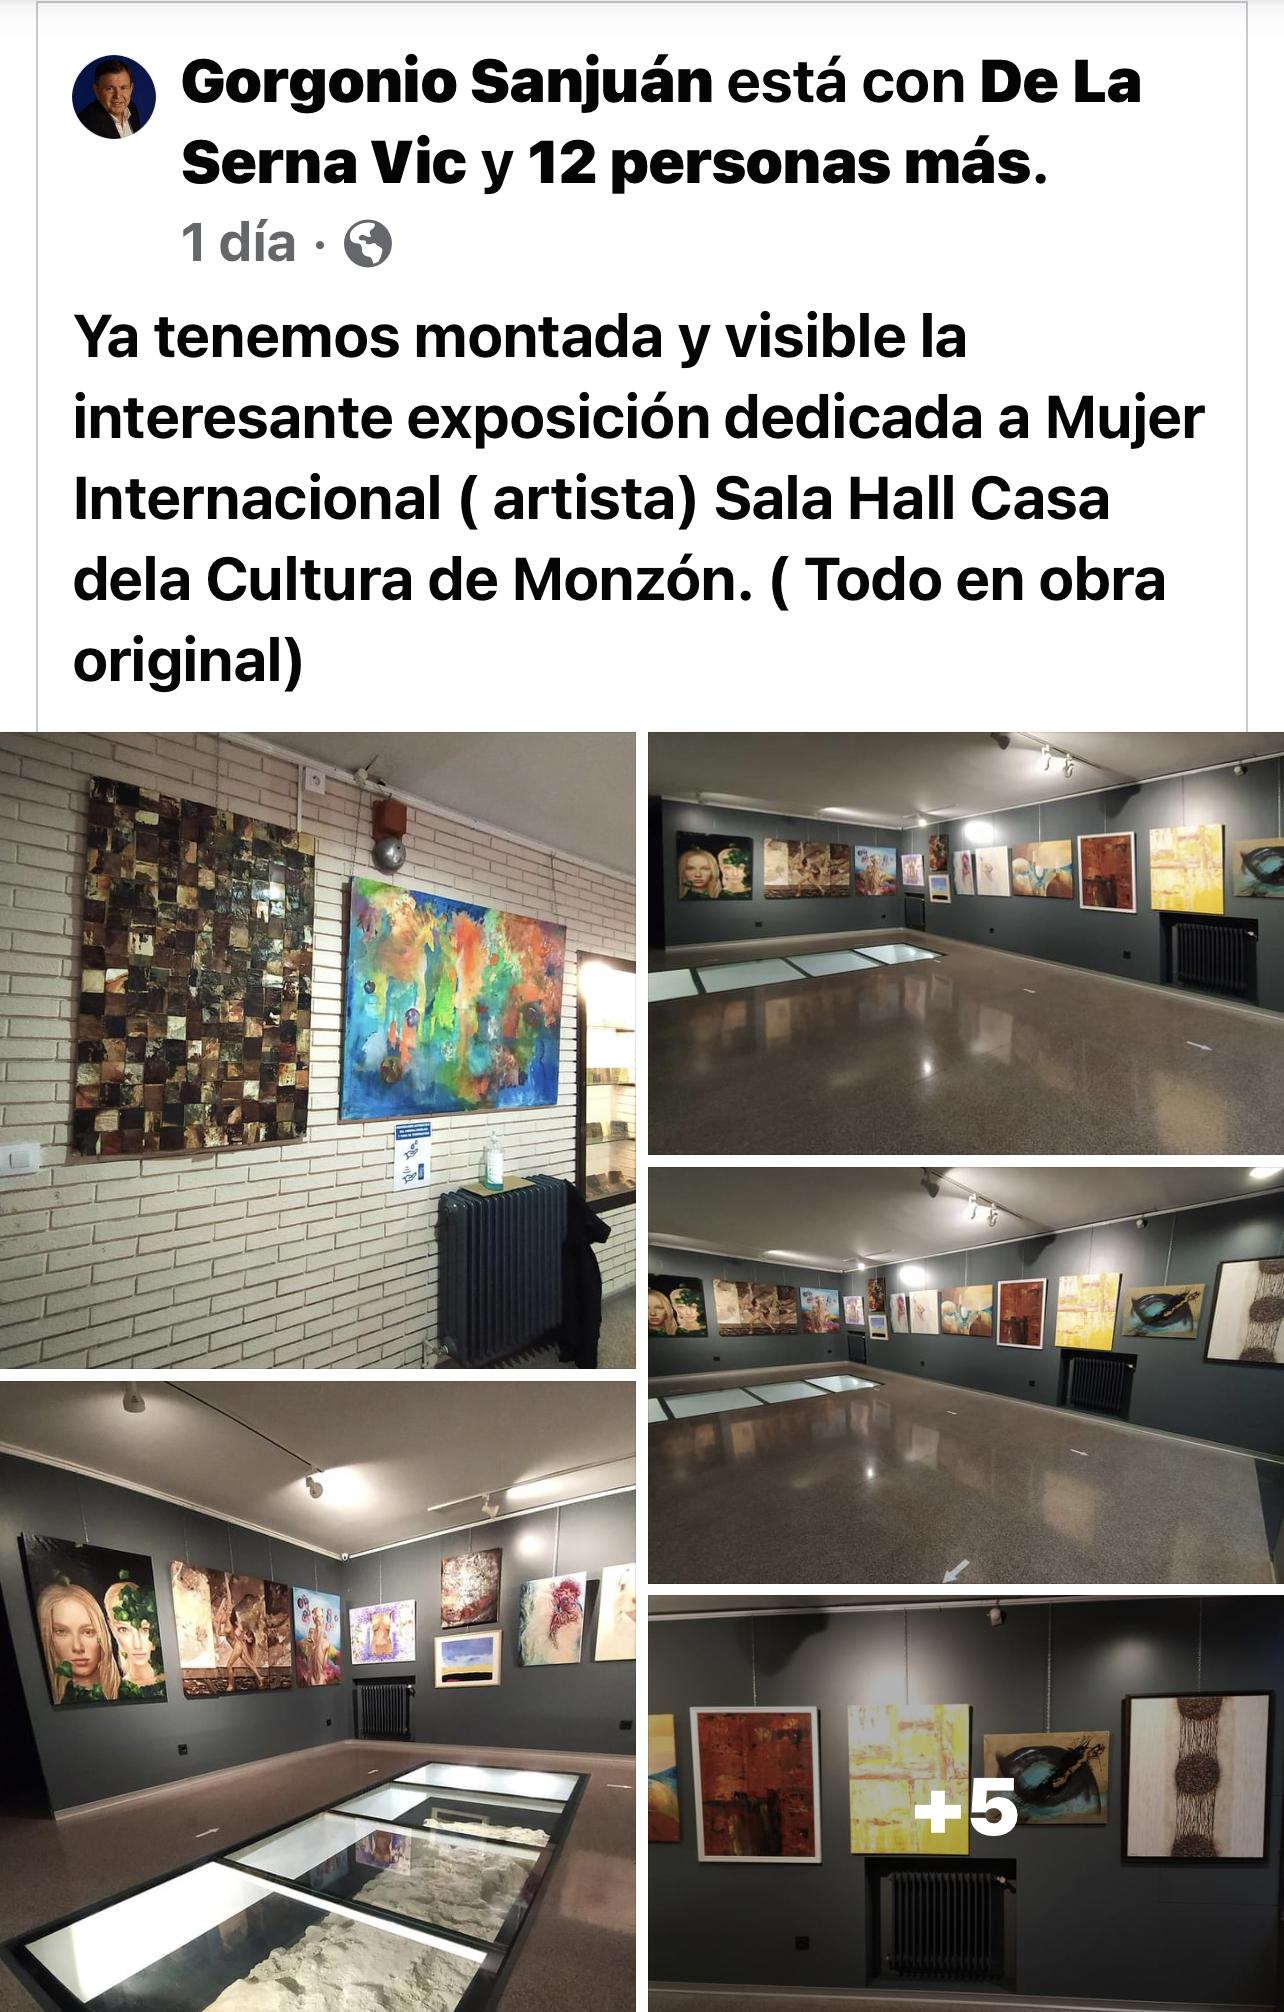 Exposición a Mujer Internacional, Sala Hall Casa de la Cultura Monzón